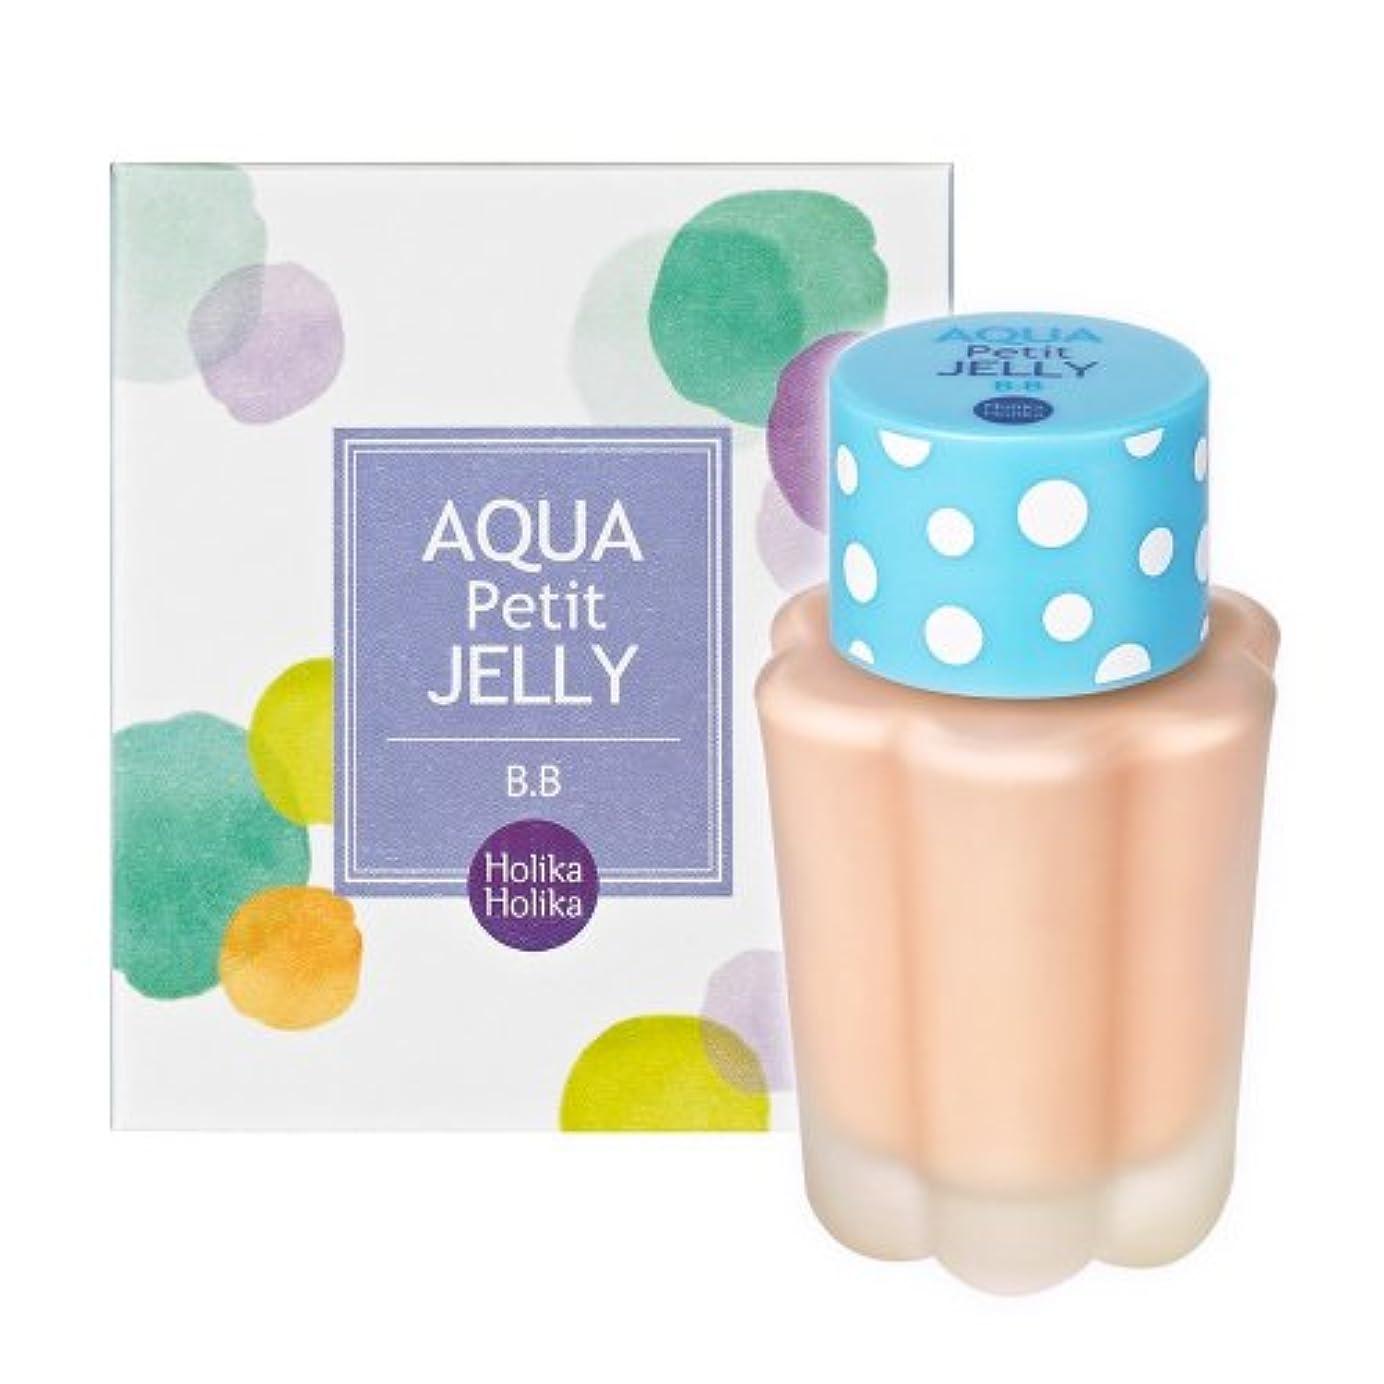 対話細分化するオペラHolika Holika ホリカホリカ アクア?プチ?ゼリー?ビービー?クリーム 40ml #2 (Aqua Petit jelly BB Cream) 海外直送品